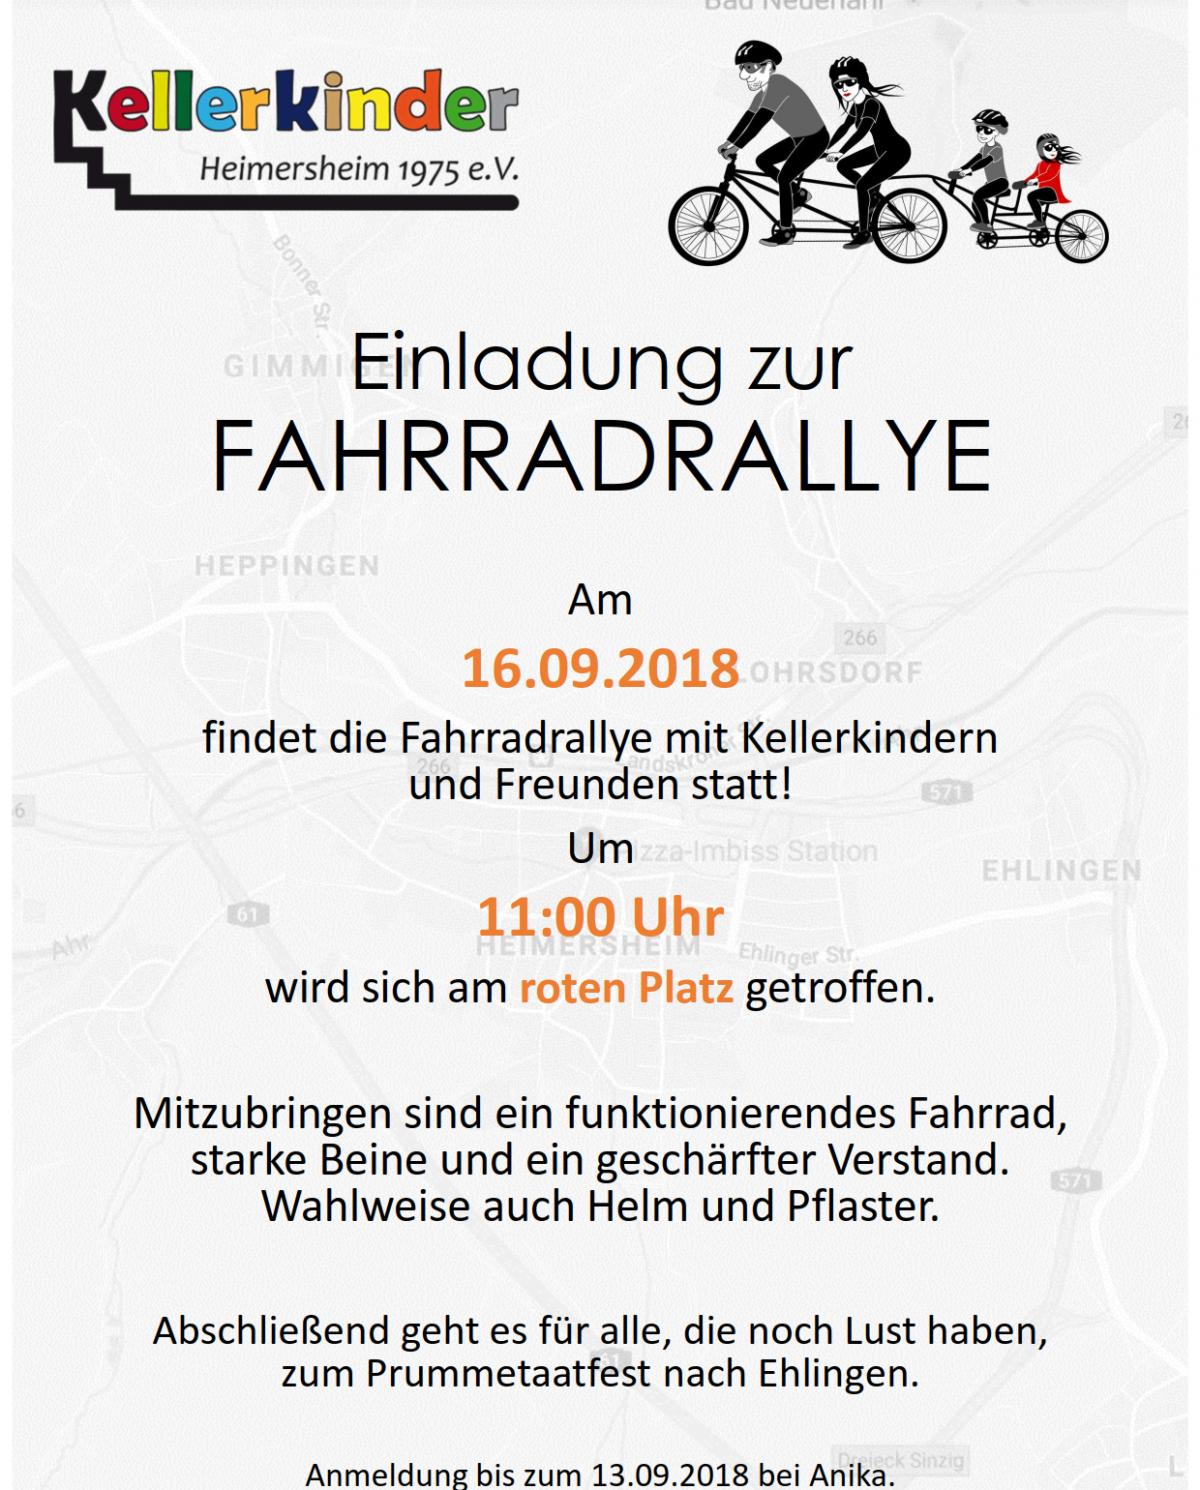 Einladung_Fahrradrallye_2018_2.0.png